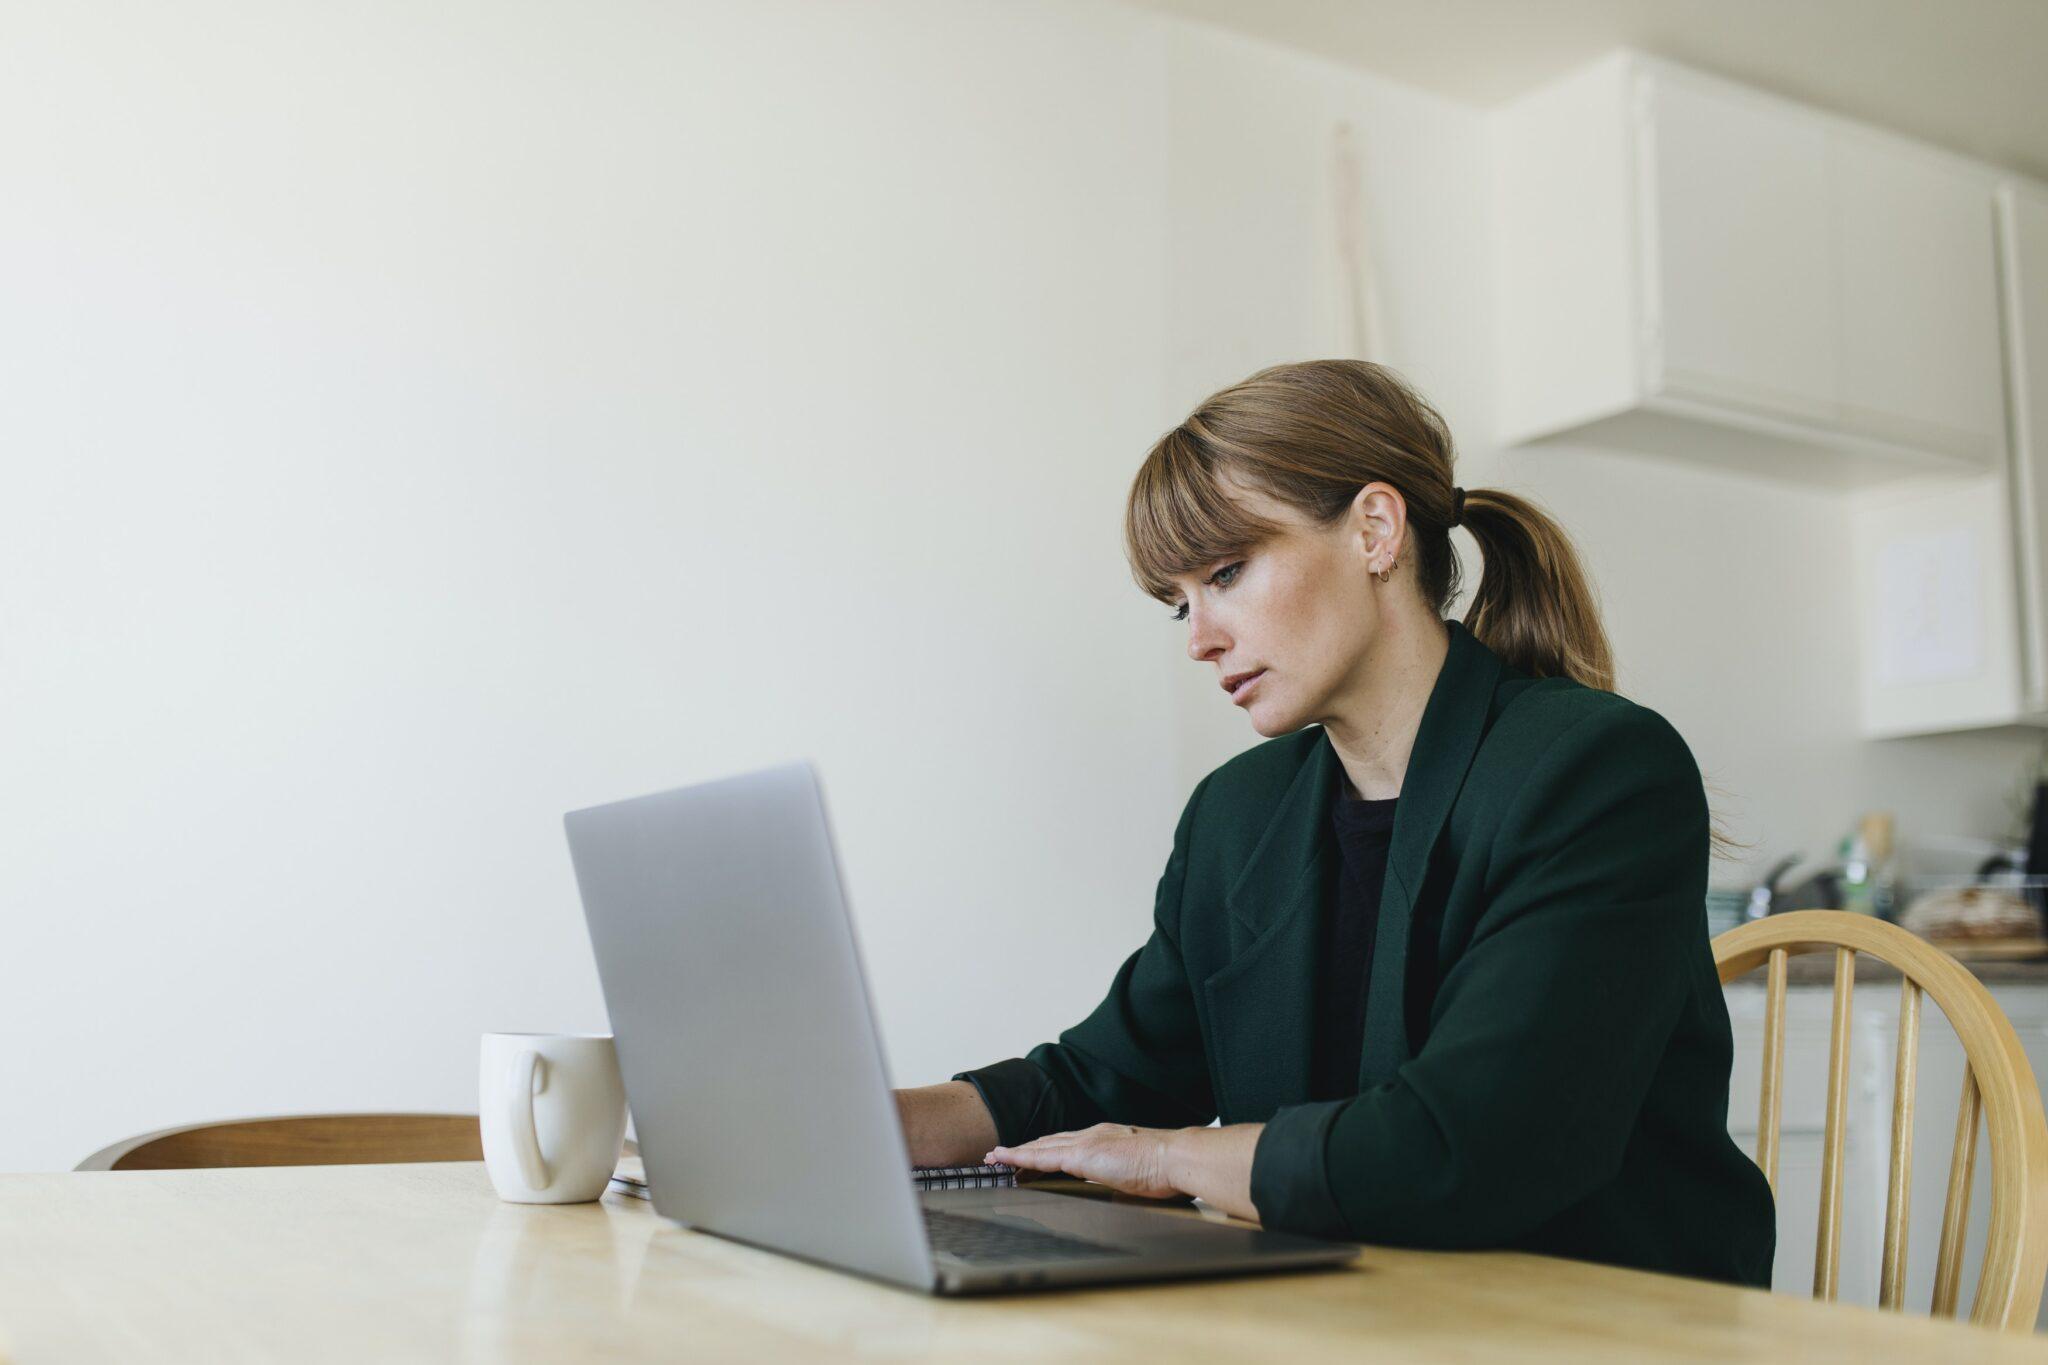 Foto de una mujer trabajando, representando alguien desarrollando una estrategia SEO, muy util para Encontrar nuevos clientes